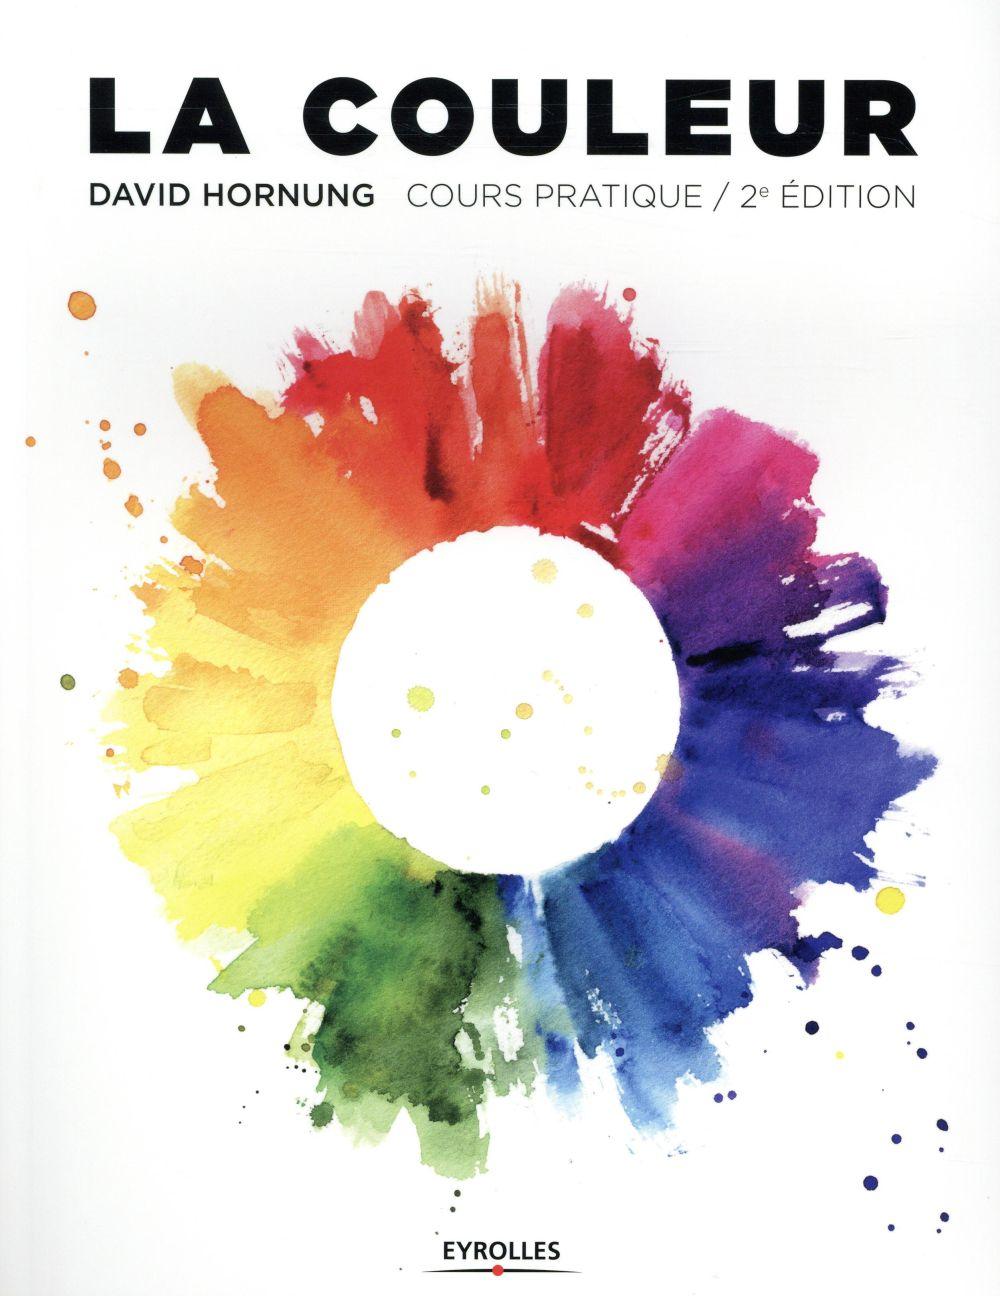 LA COULEUR 2E EDITION - COURS PRATIQUE DAVID HORNUNG Eyrolles